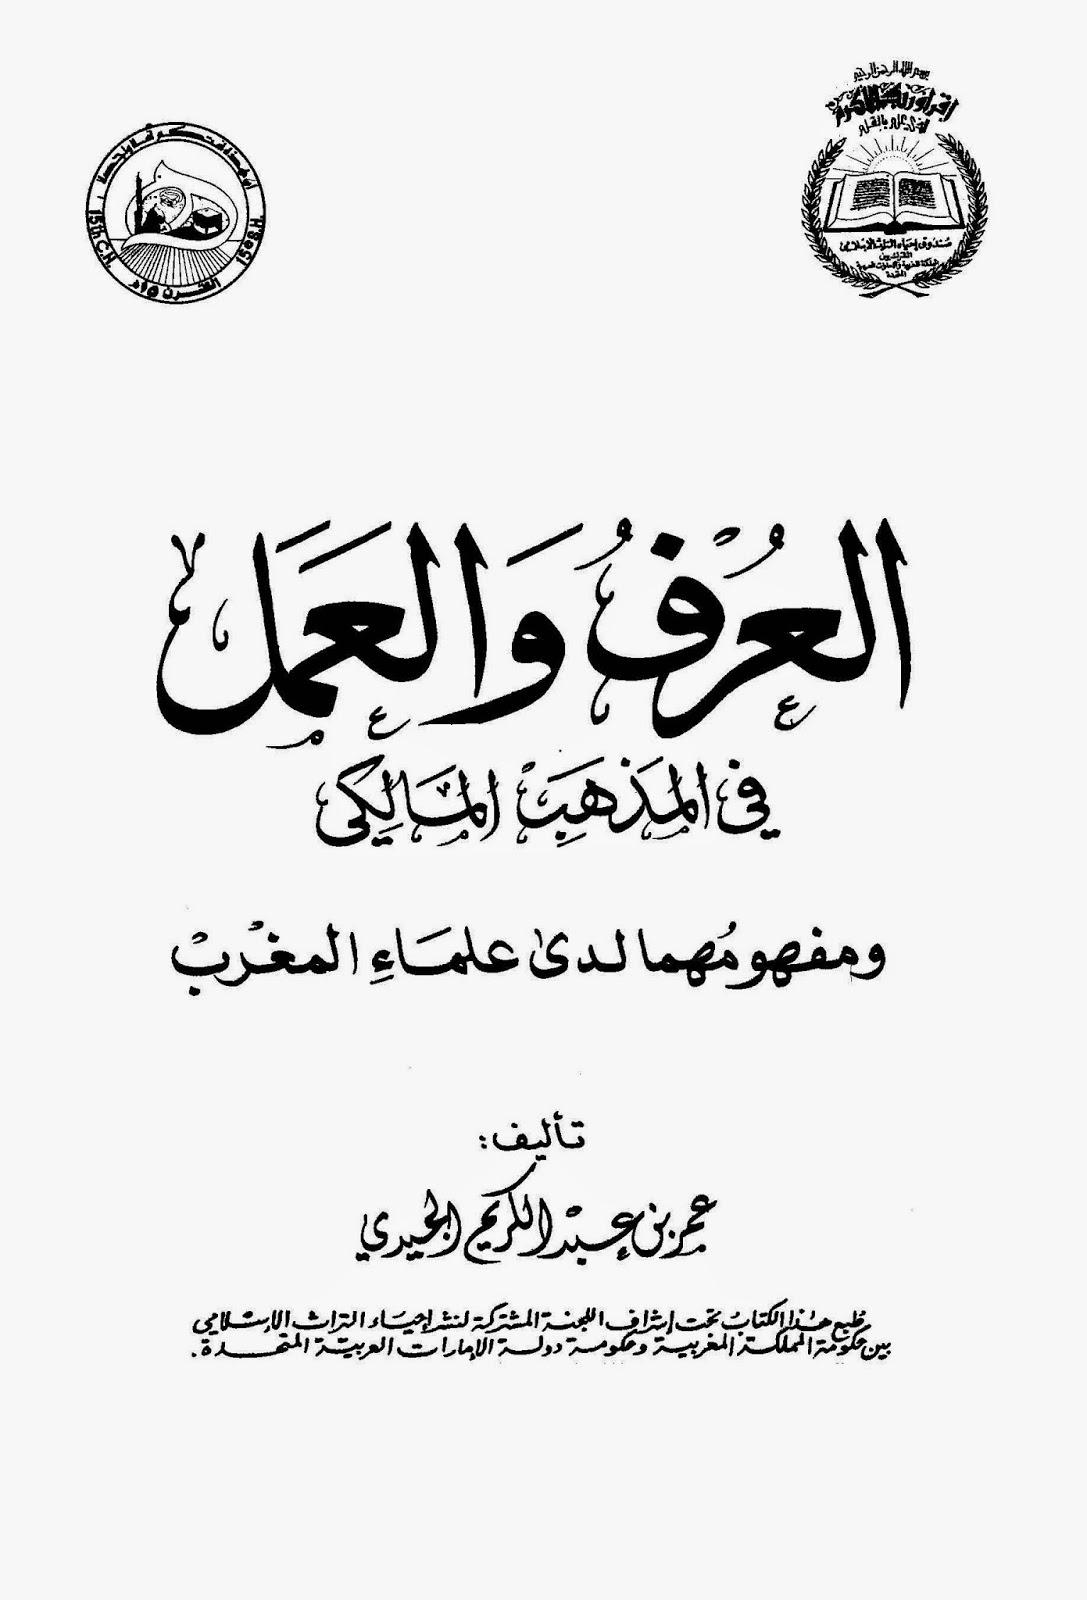 العرف والعمل في المذهب المالكي ومفهومها لدى علماء المغرب - عمر بن عبد الكريم الجيدي